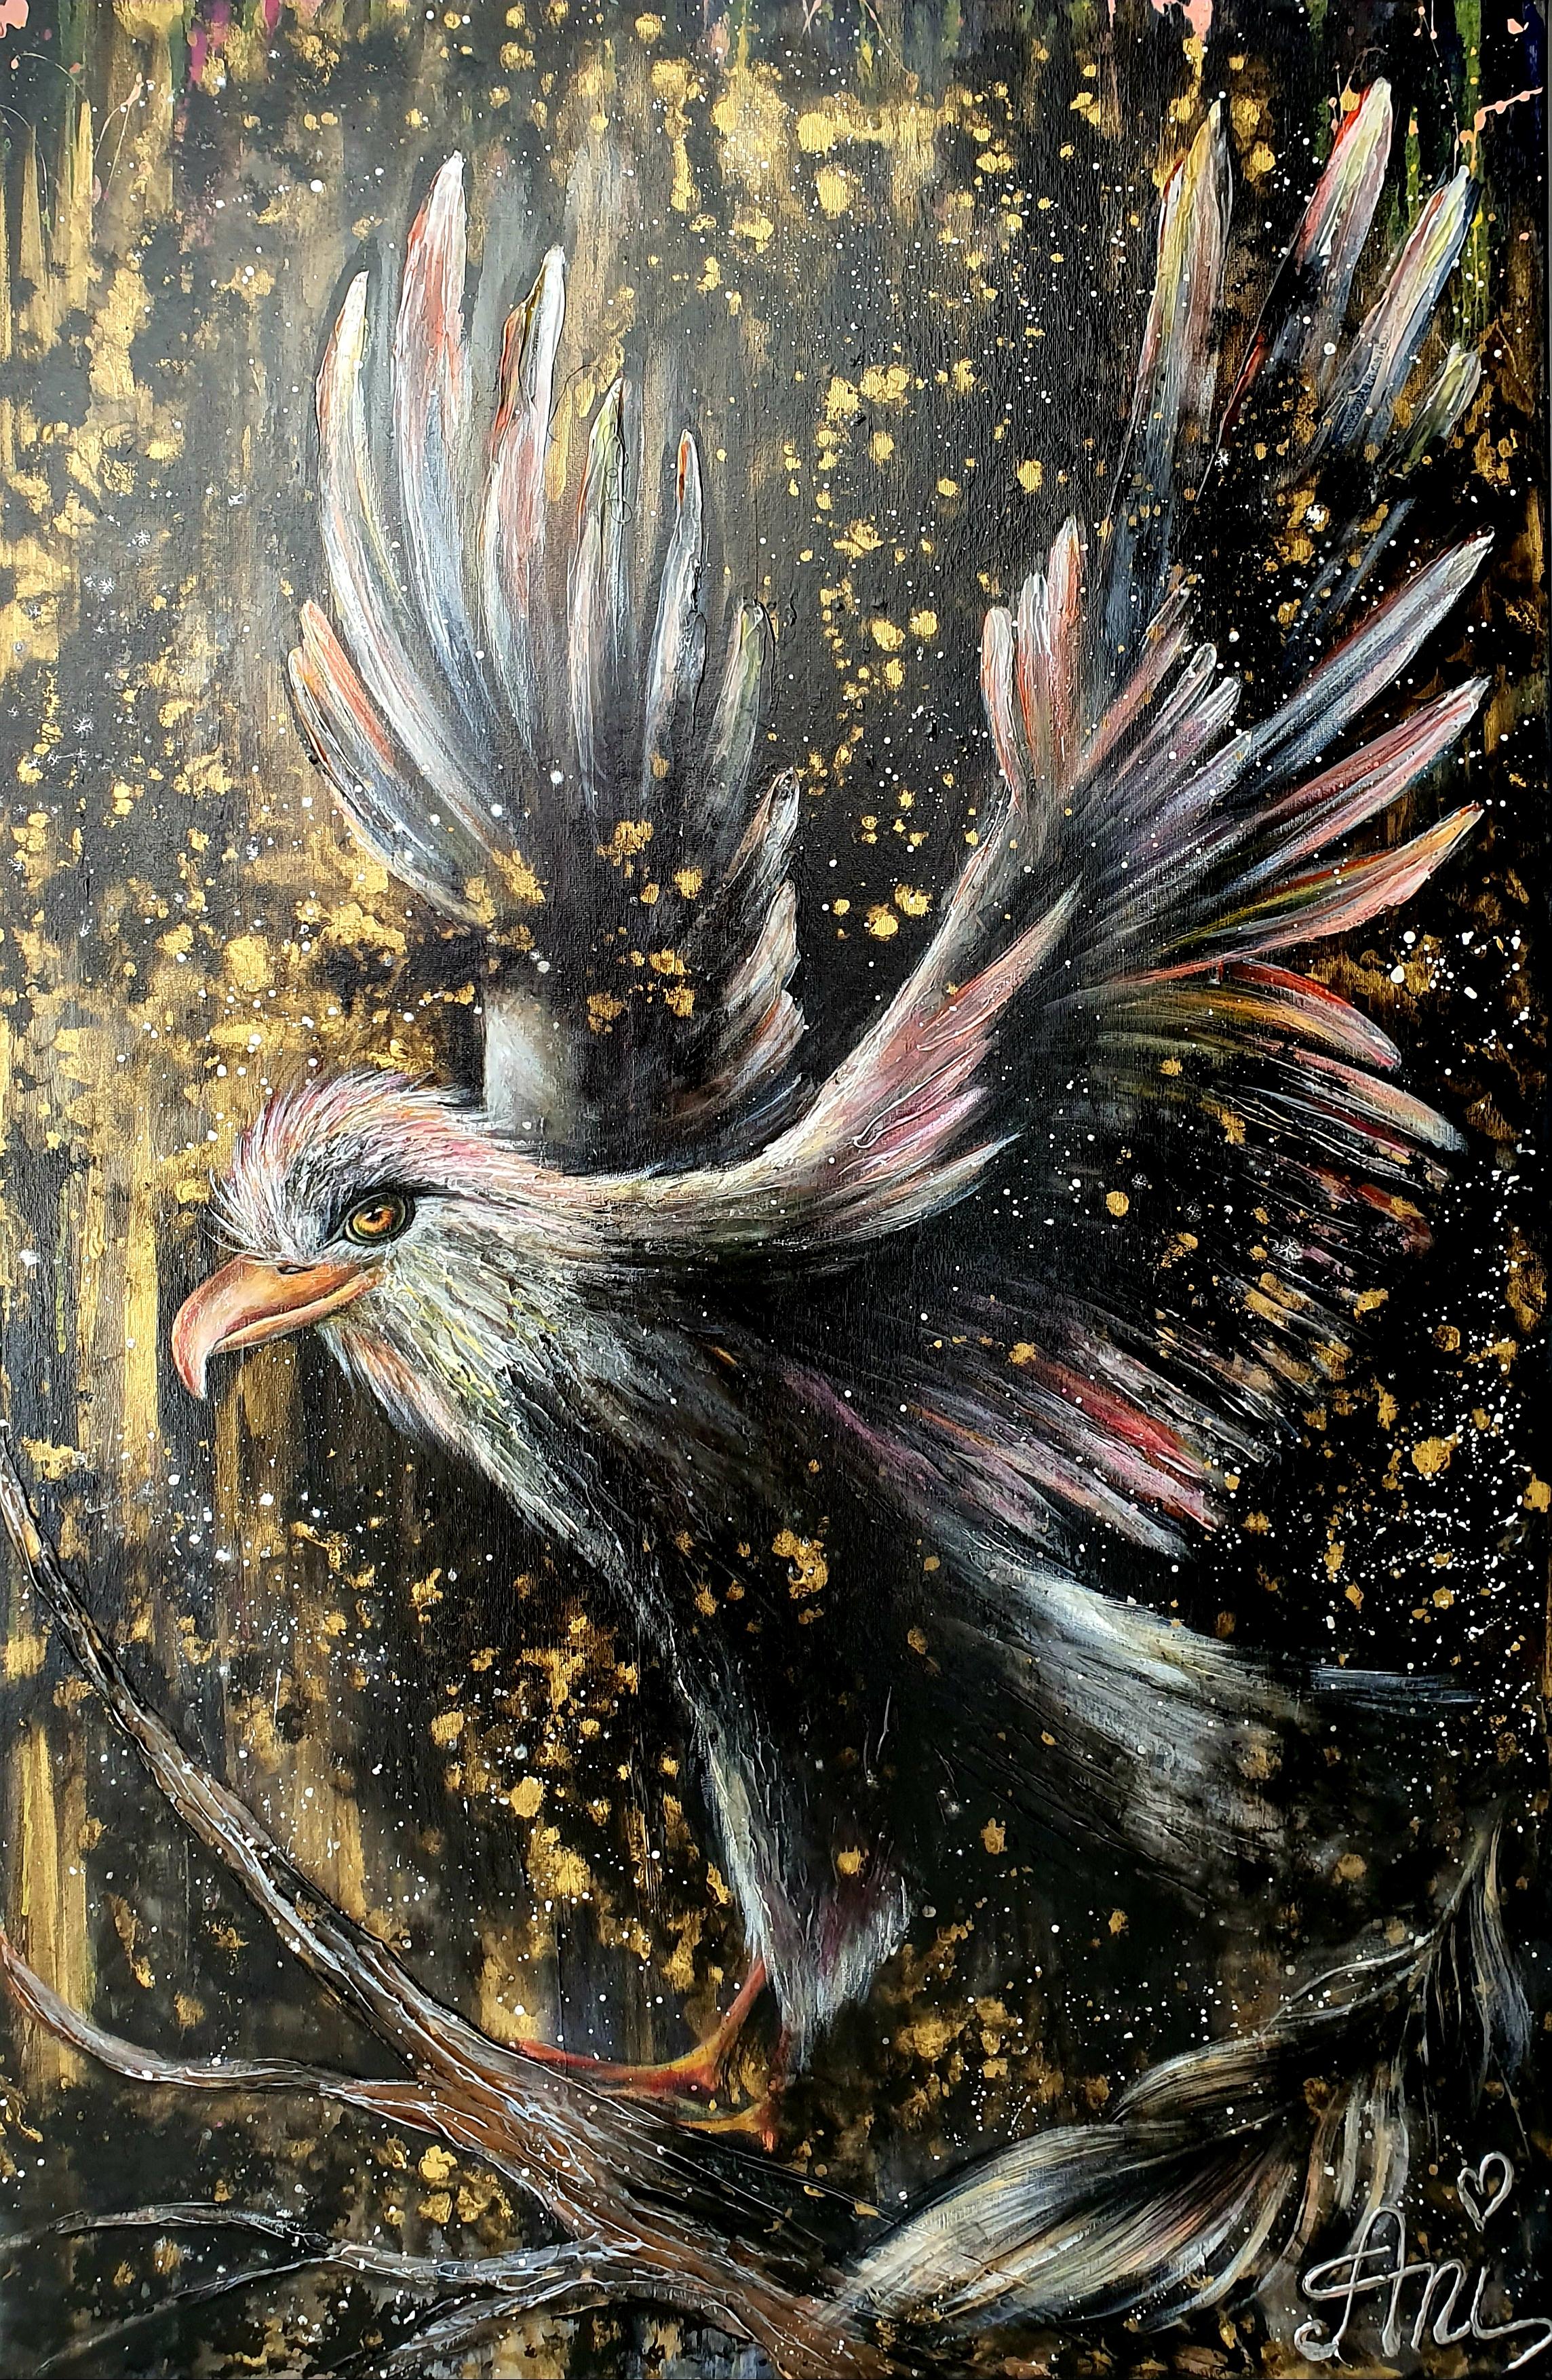 L'envol royal:  Peinture acrylique sur toile, 115cm x 75cm  Prix: 1250€ + frais de livraison